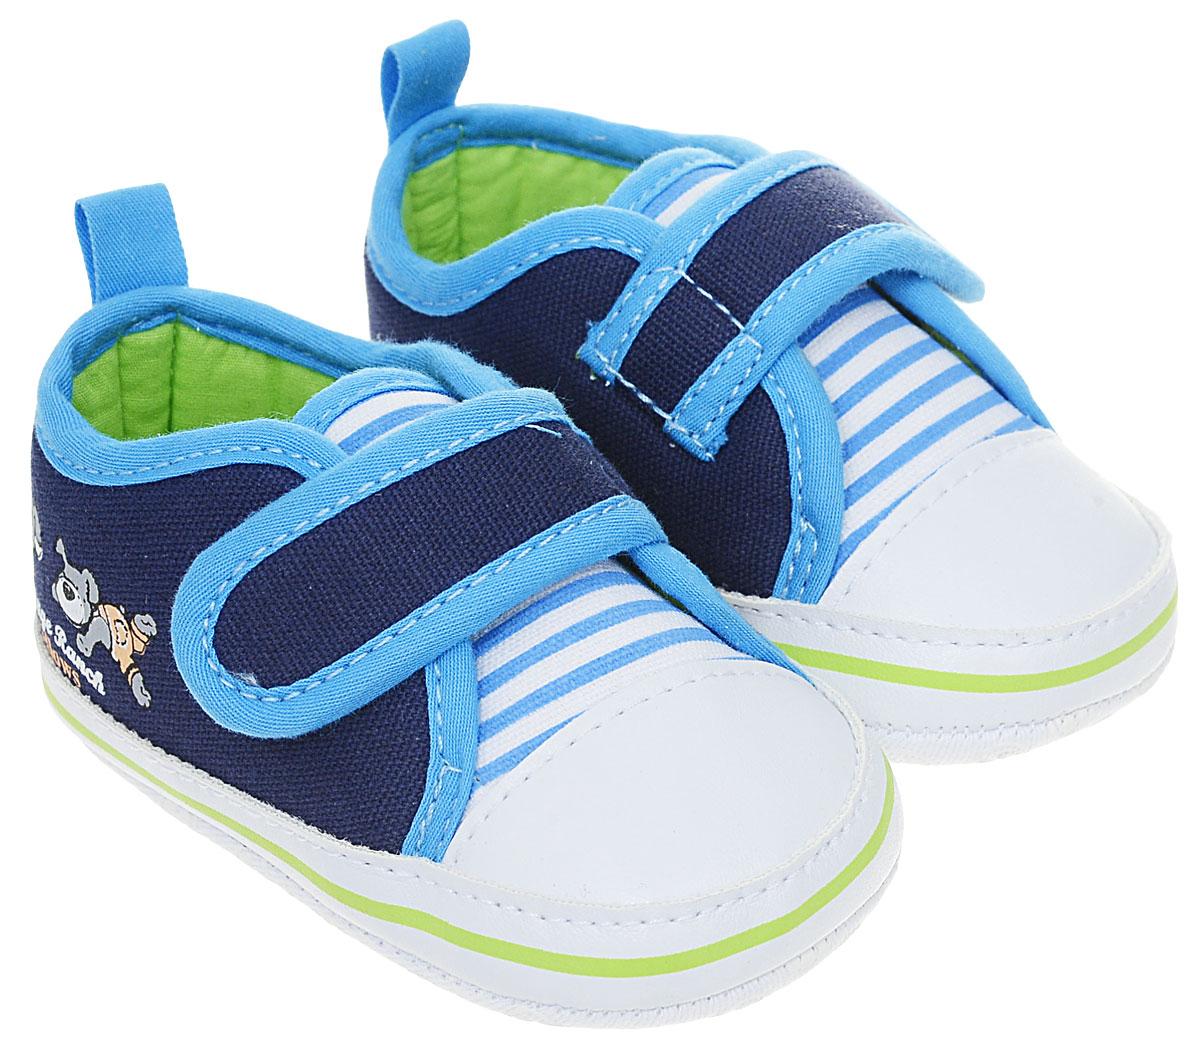 Пинетки детские Flamingo, цвет: синий. 71Y-YXL-0077. Размер 19 flamingo обувь детская отзывы